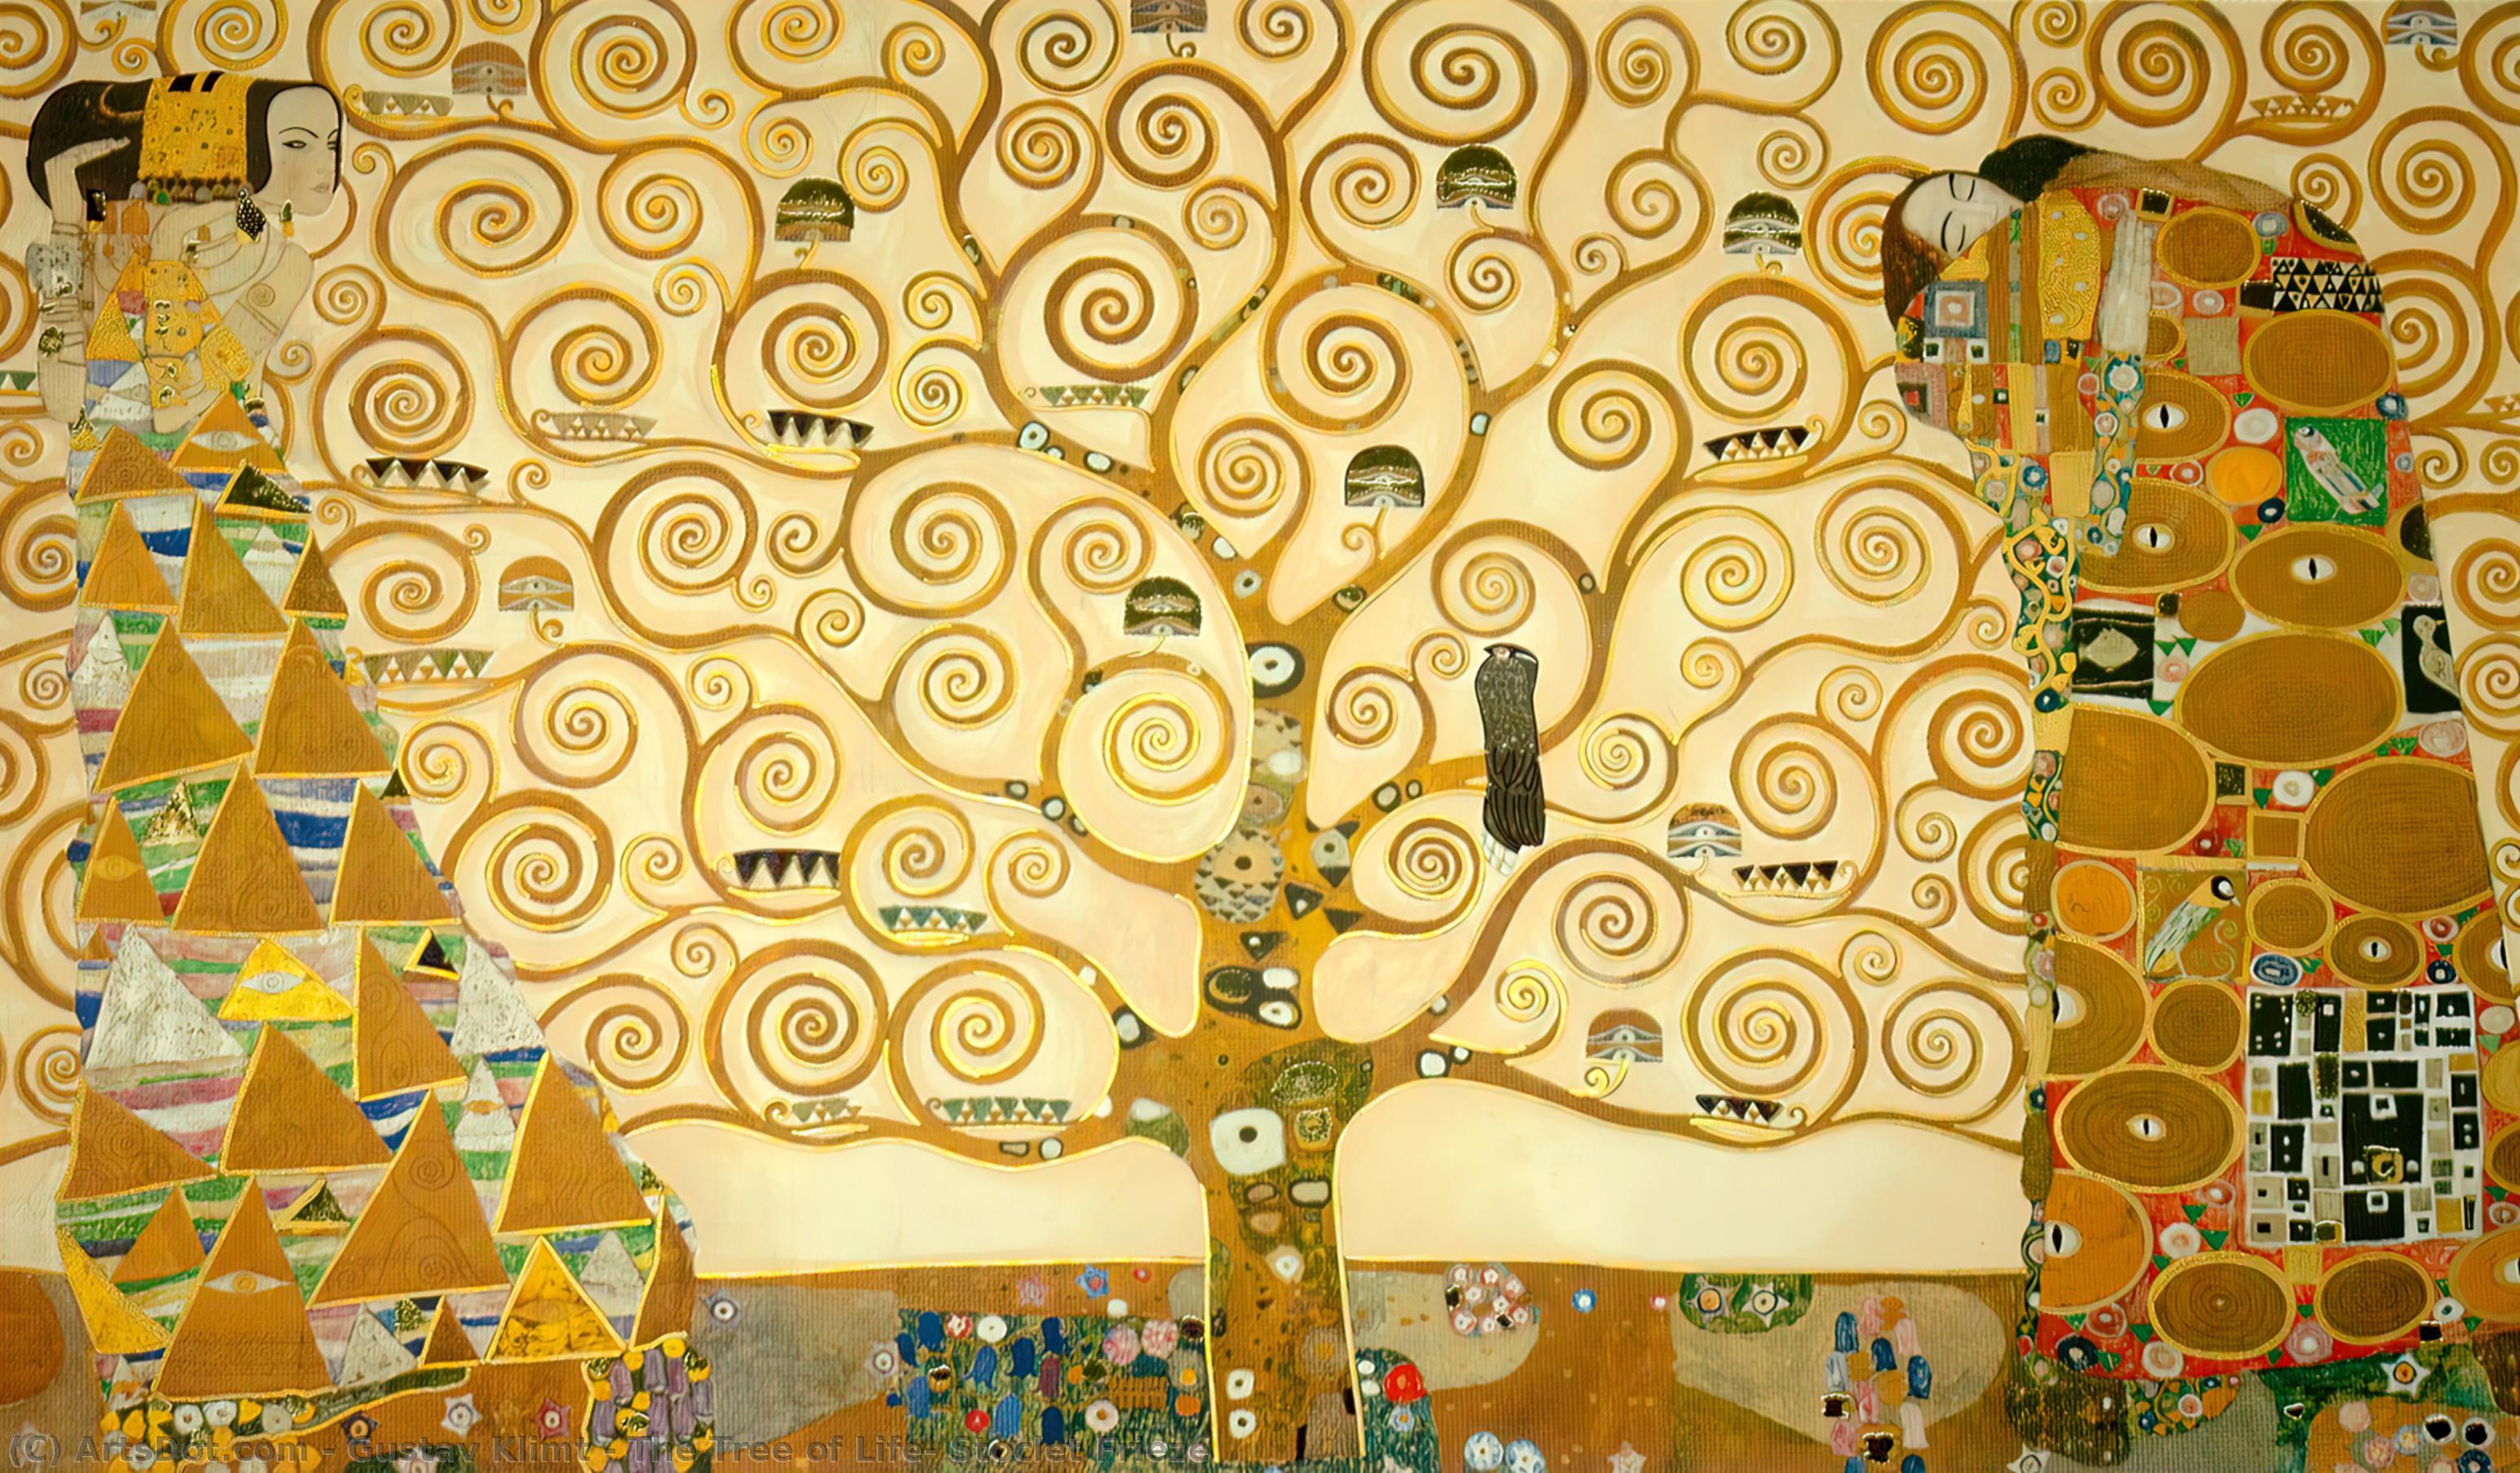 WikiOO.org - Enciclopédia das Belas Artes - Pintura, Arte por Gustav Klimt - The Tree of Life, Stoclet Frieze